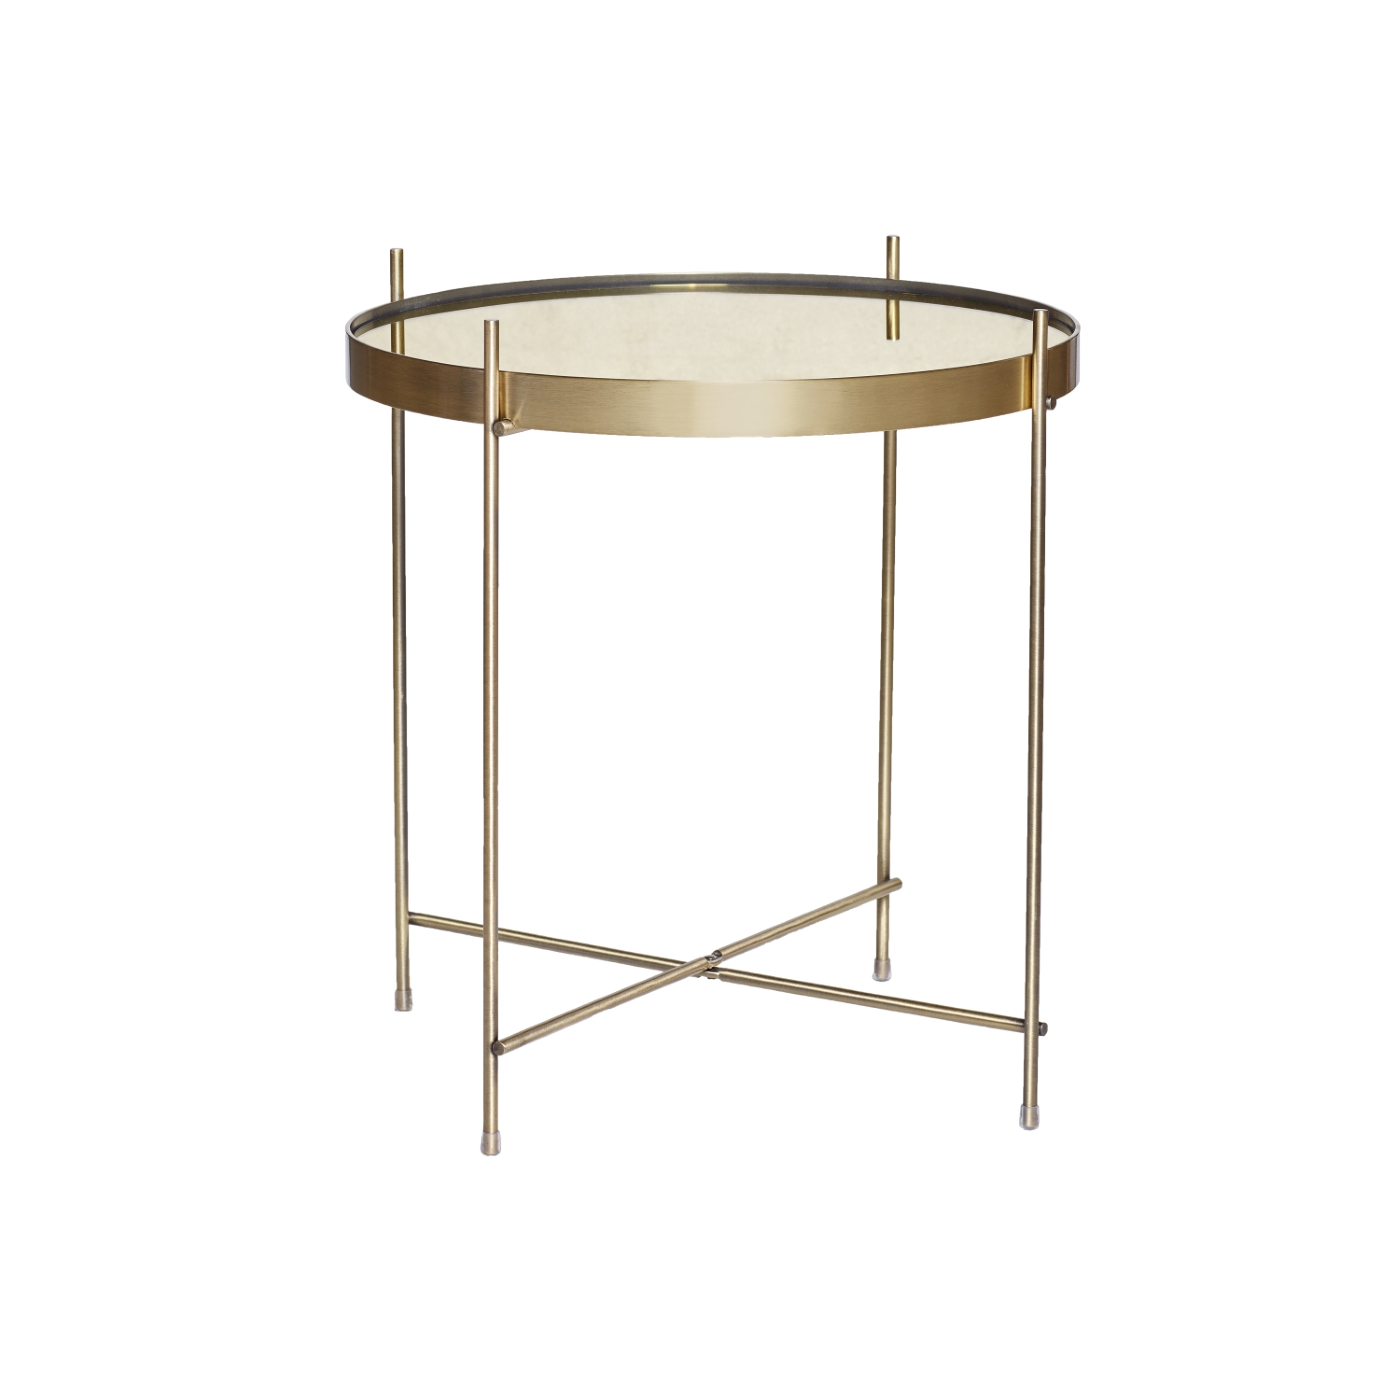 Soffbord runt tonat glas/ guld, Hubsch